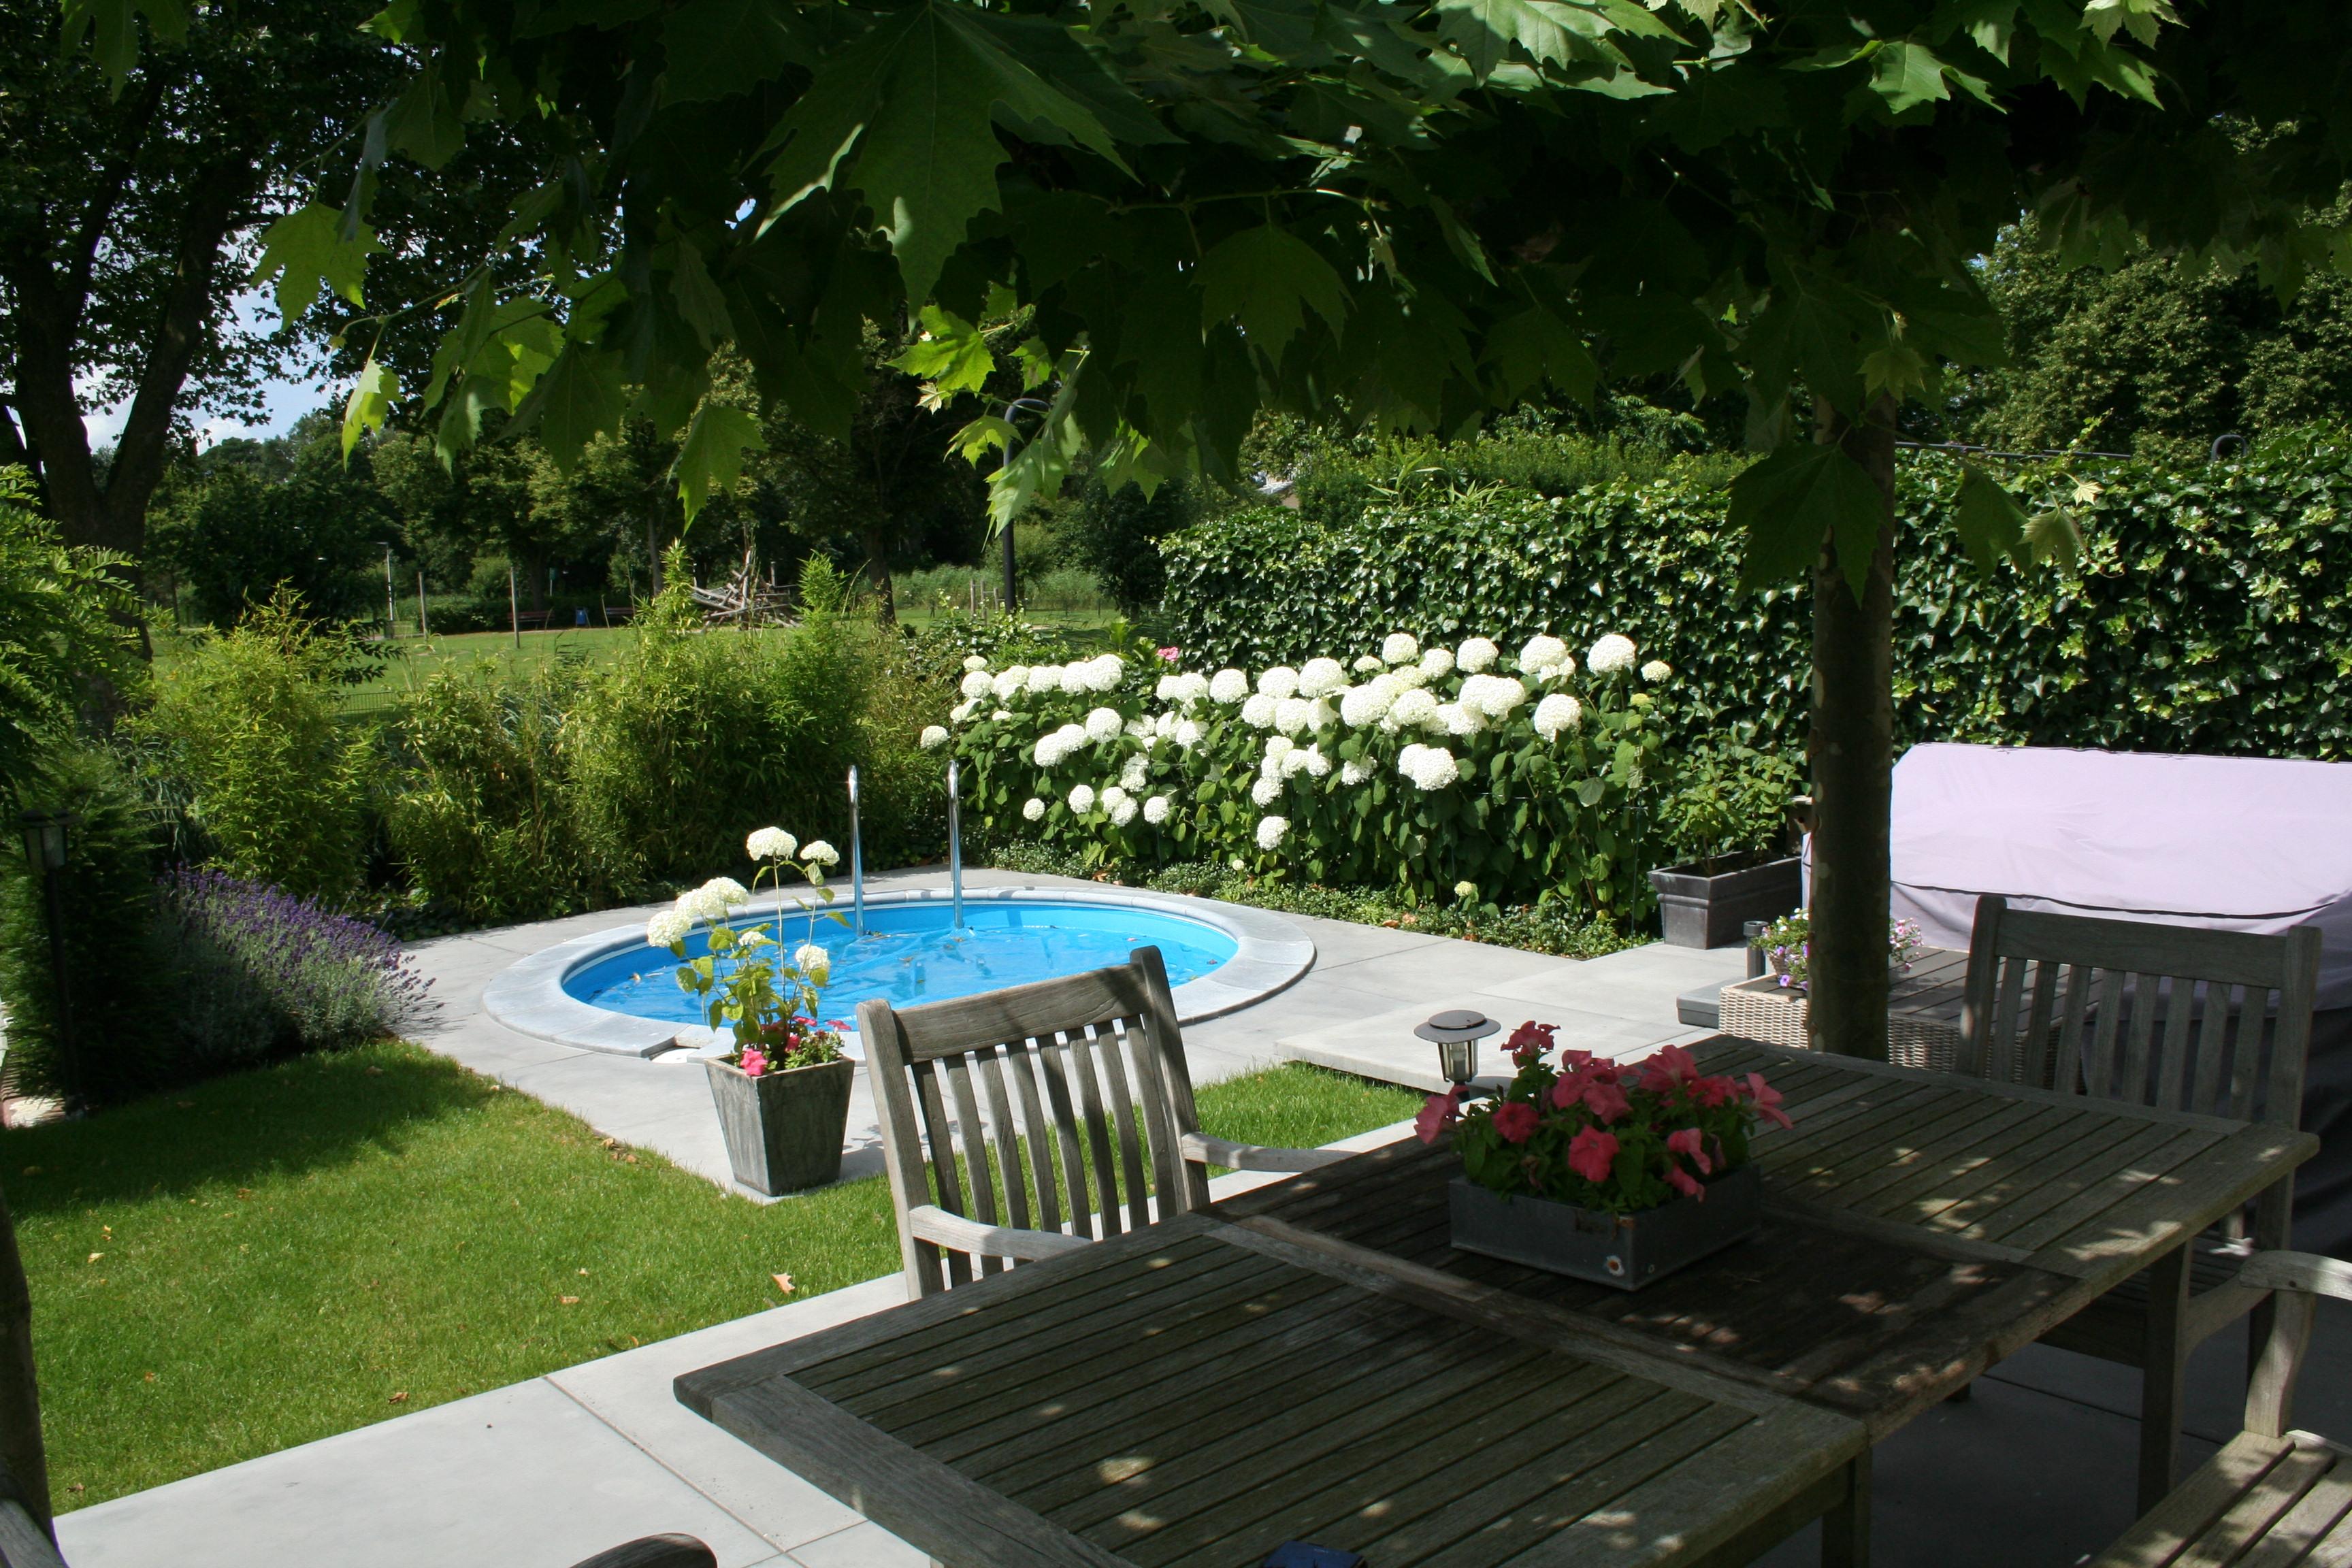 Wasbak voor tuin 103438 ontwerp inspiratie voor de badkamer en de kamer inrichting - Volwassen kamer ideeen ...